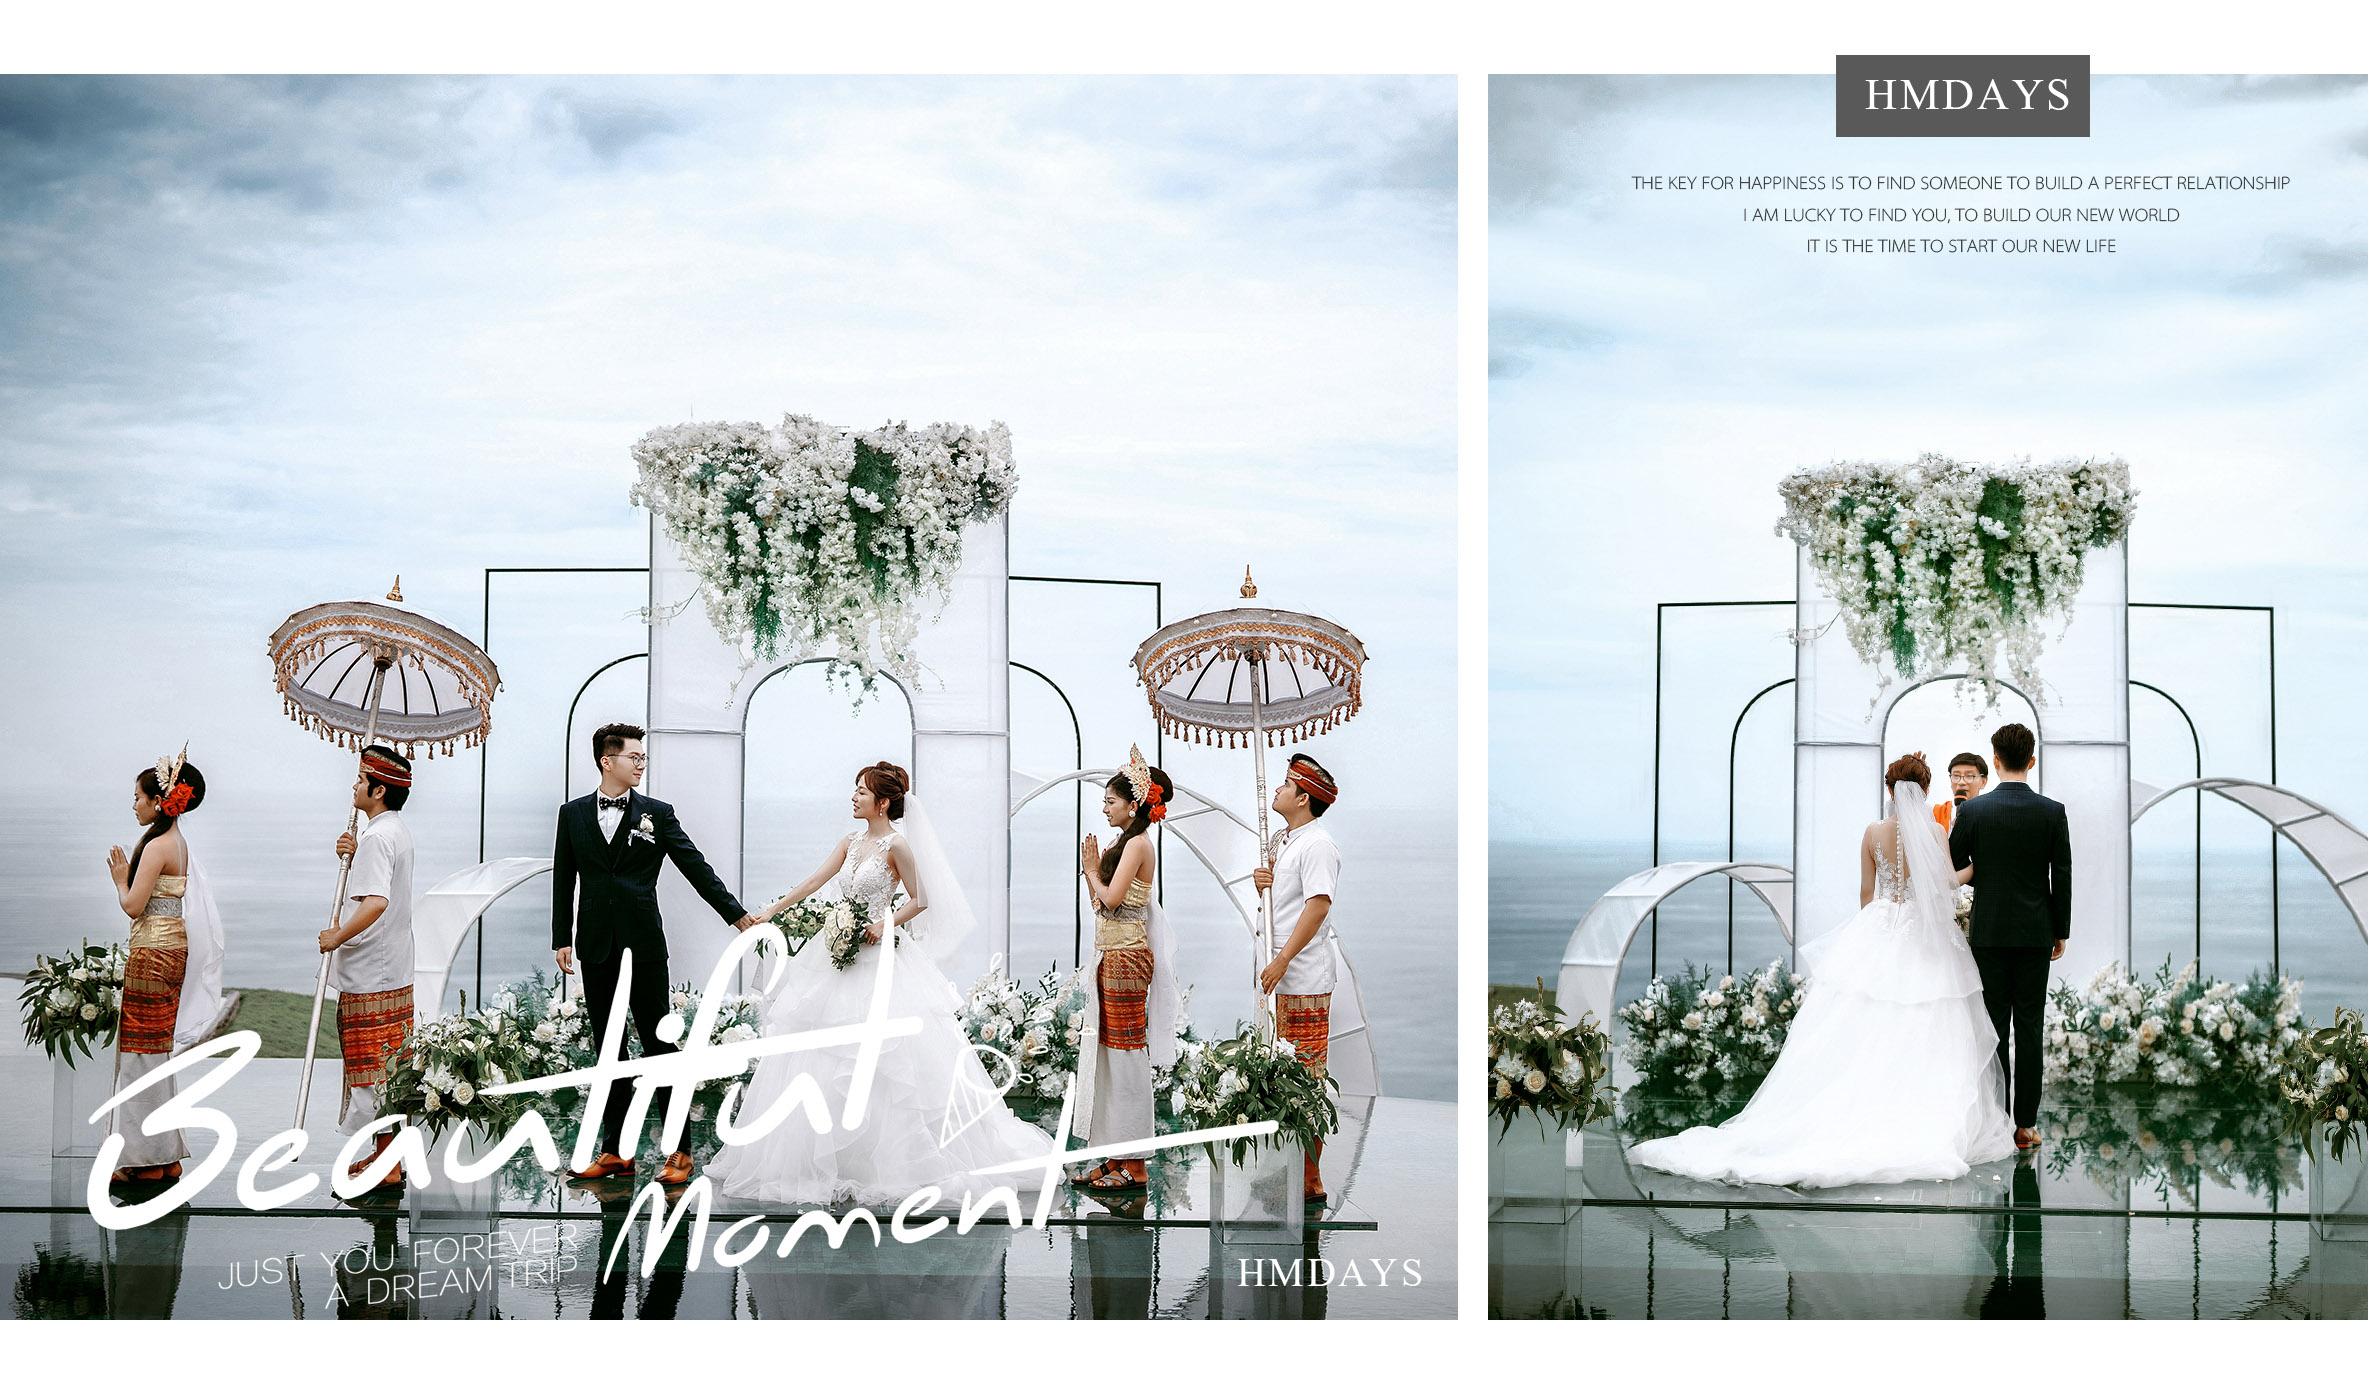 巴厘岛天空之镜水台婚礼|海外婚礼|海外婚纱摄影|照片